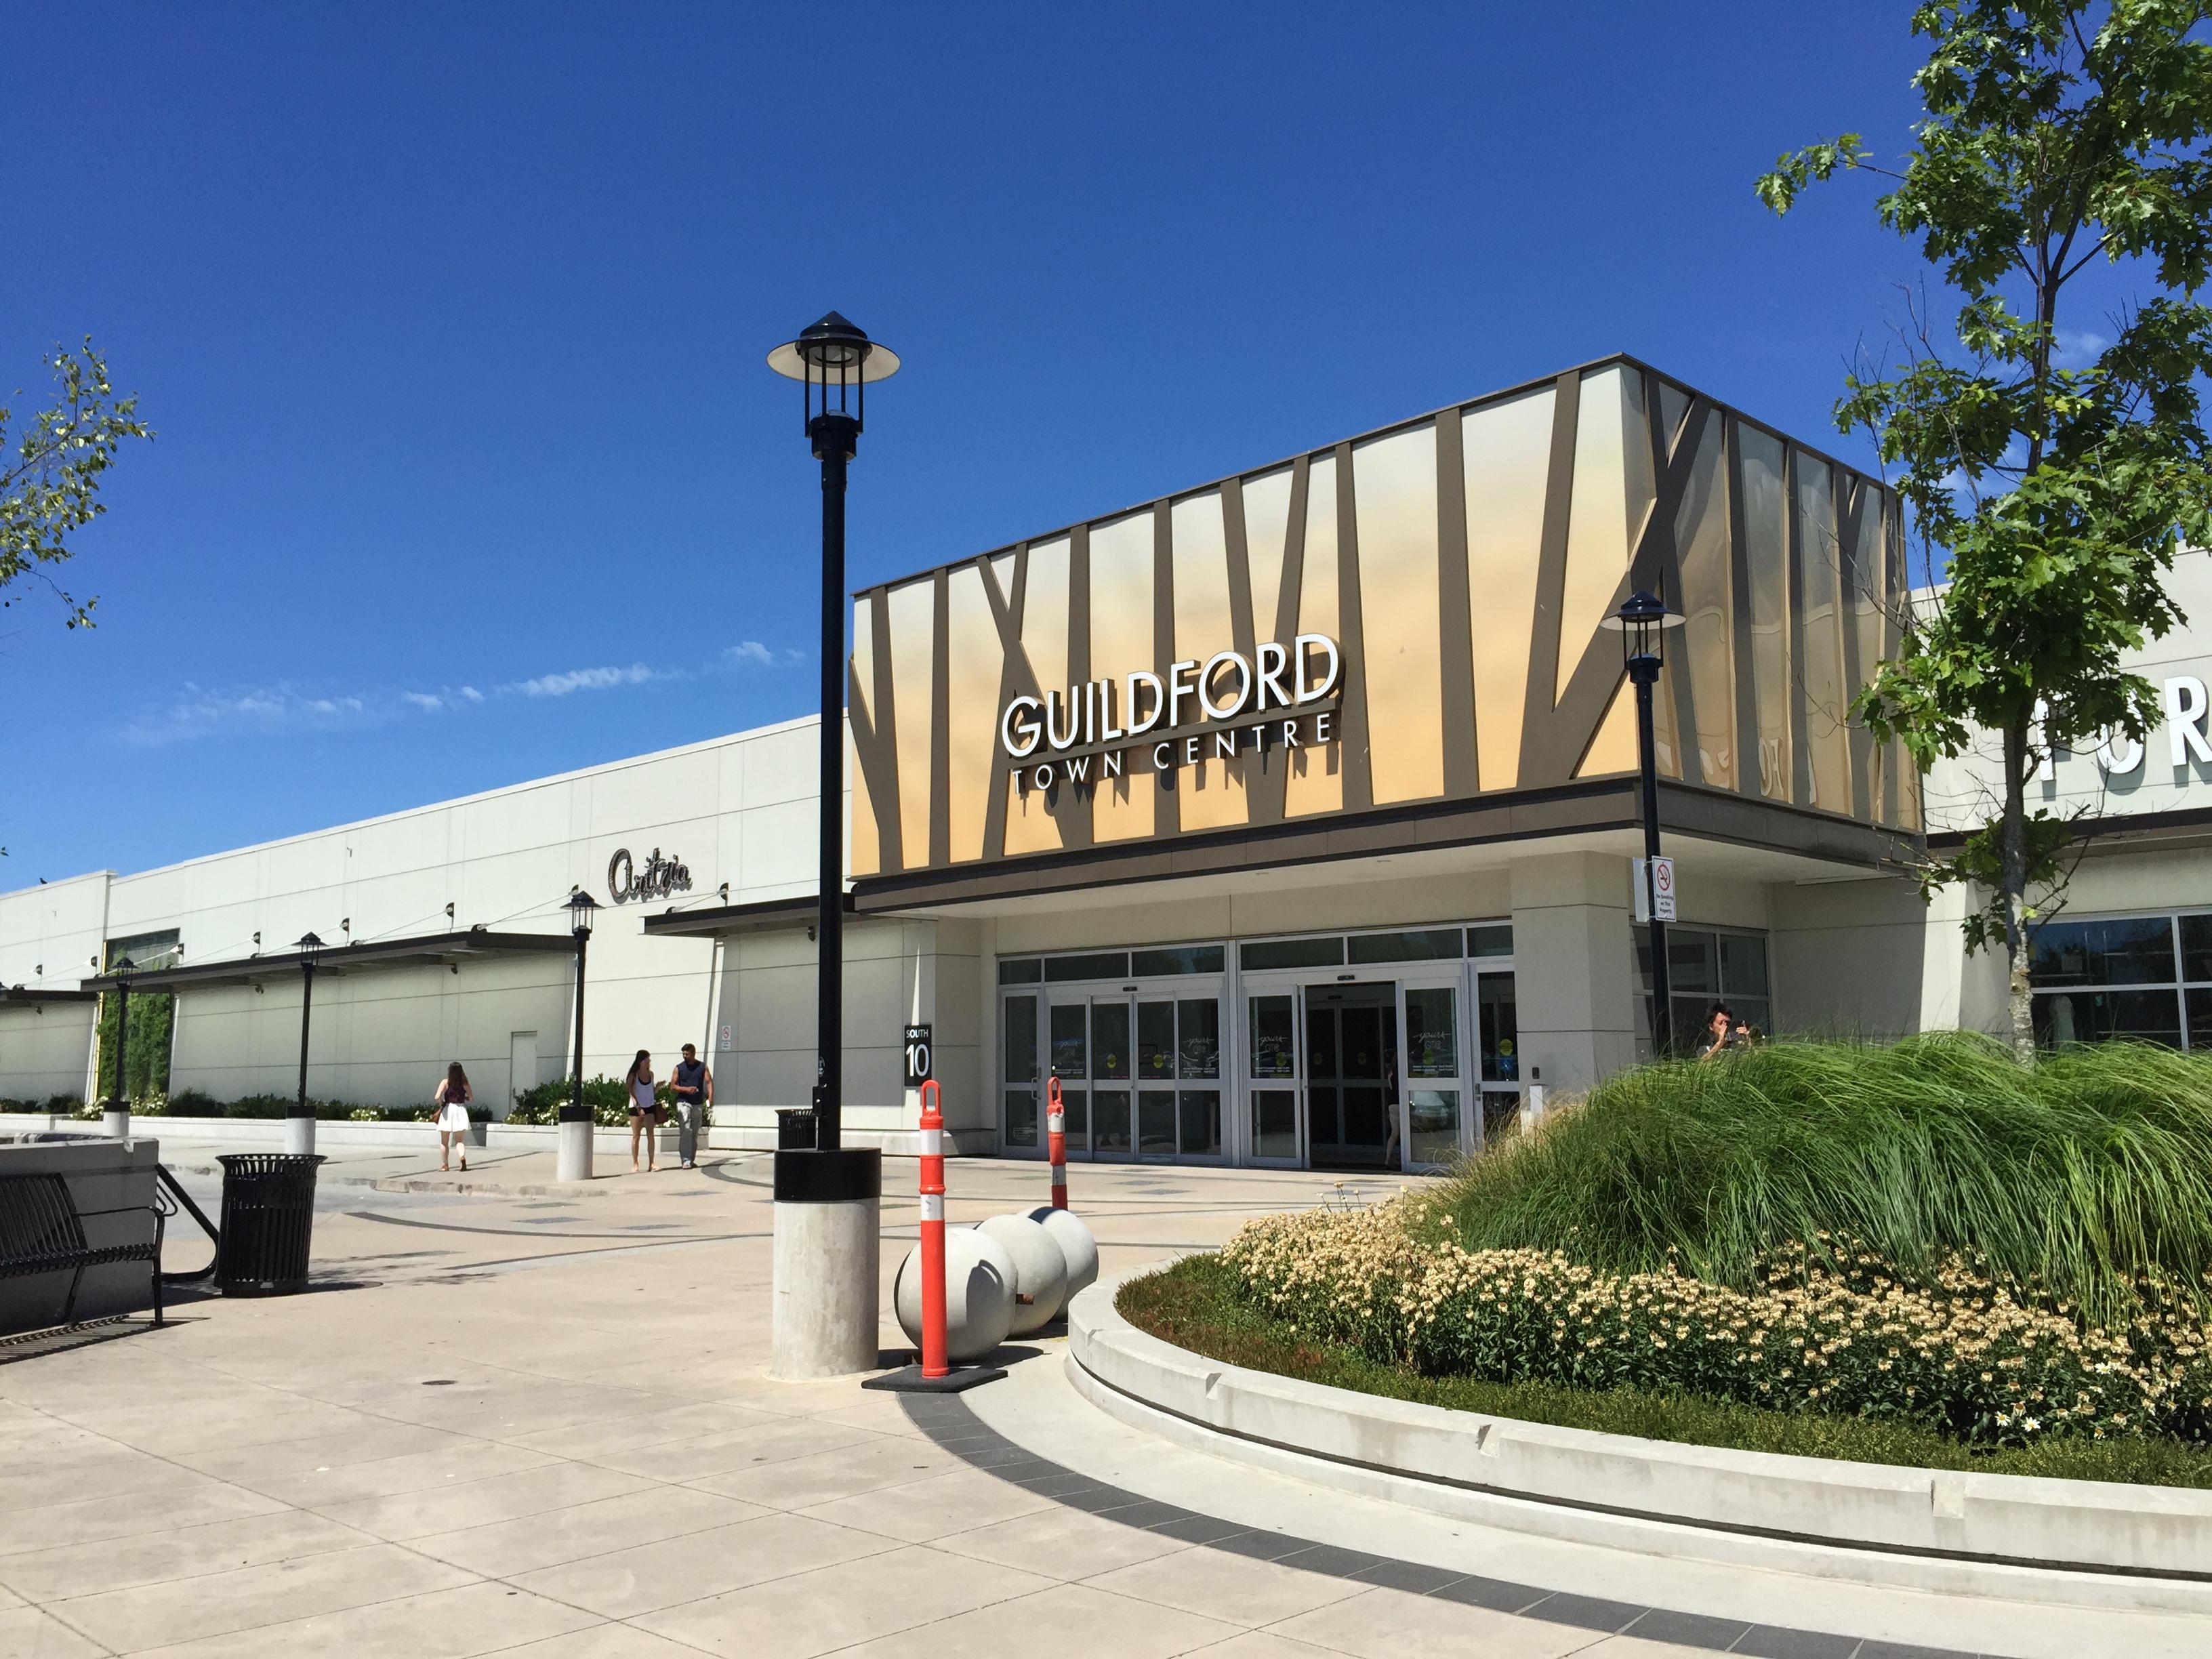 892e8987b4 Guildford Town Centre (mall) - Wikipedia